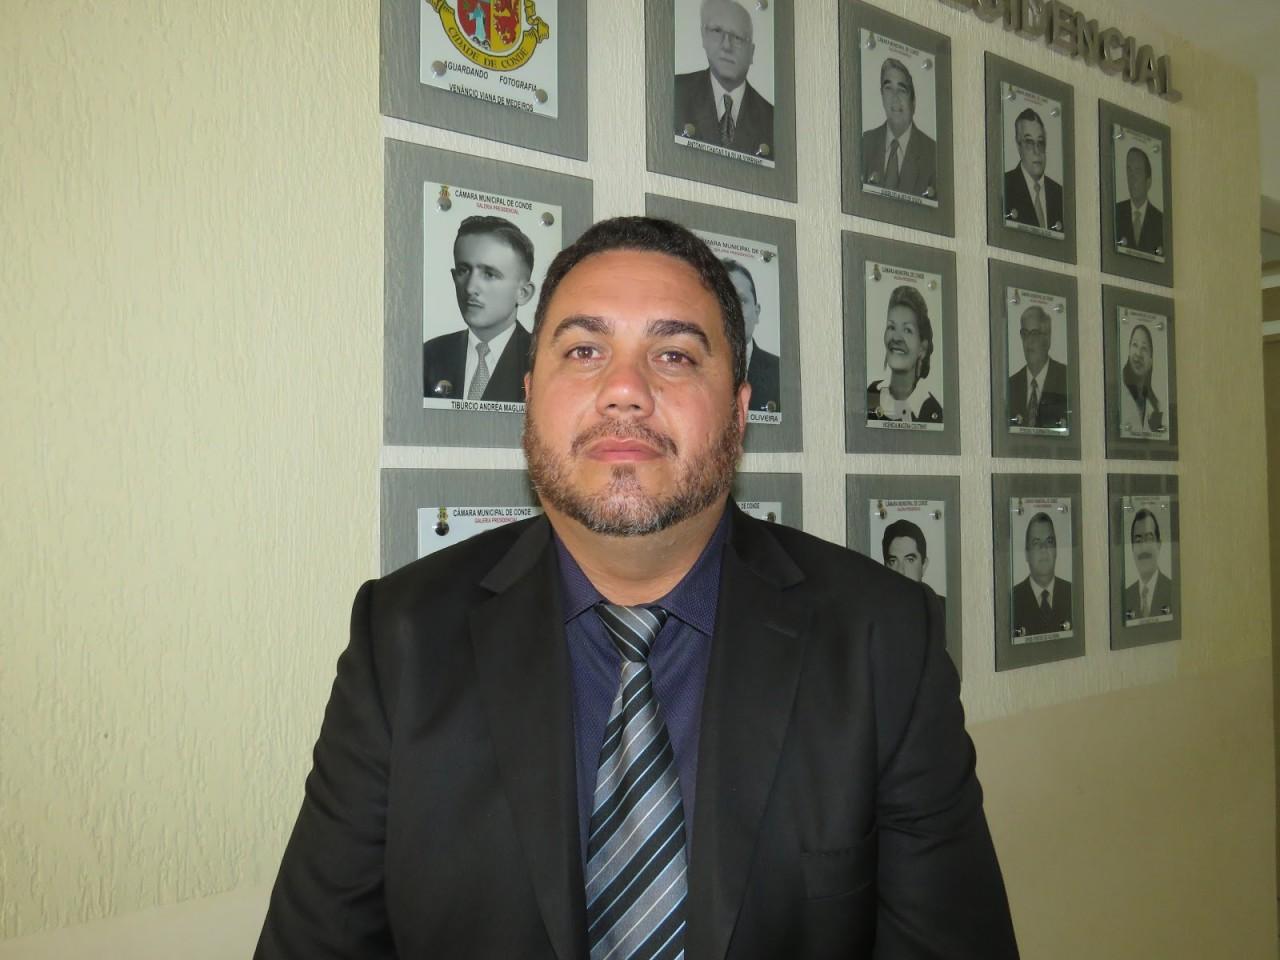 IMG 2608 - QUEM ASSUME O CONDE? Após prisão de Márcia Lucena presidente da câmara municipal deve ficar responsável por prefeitura